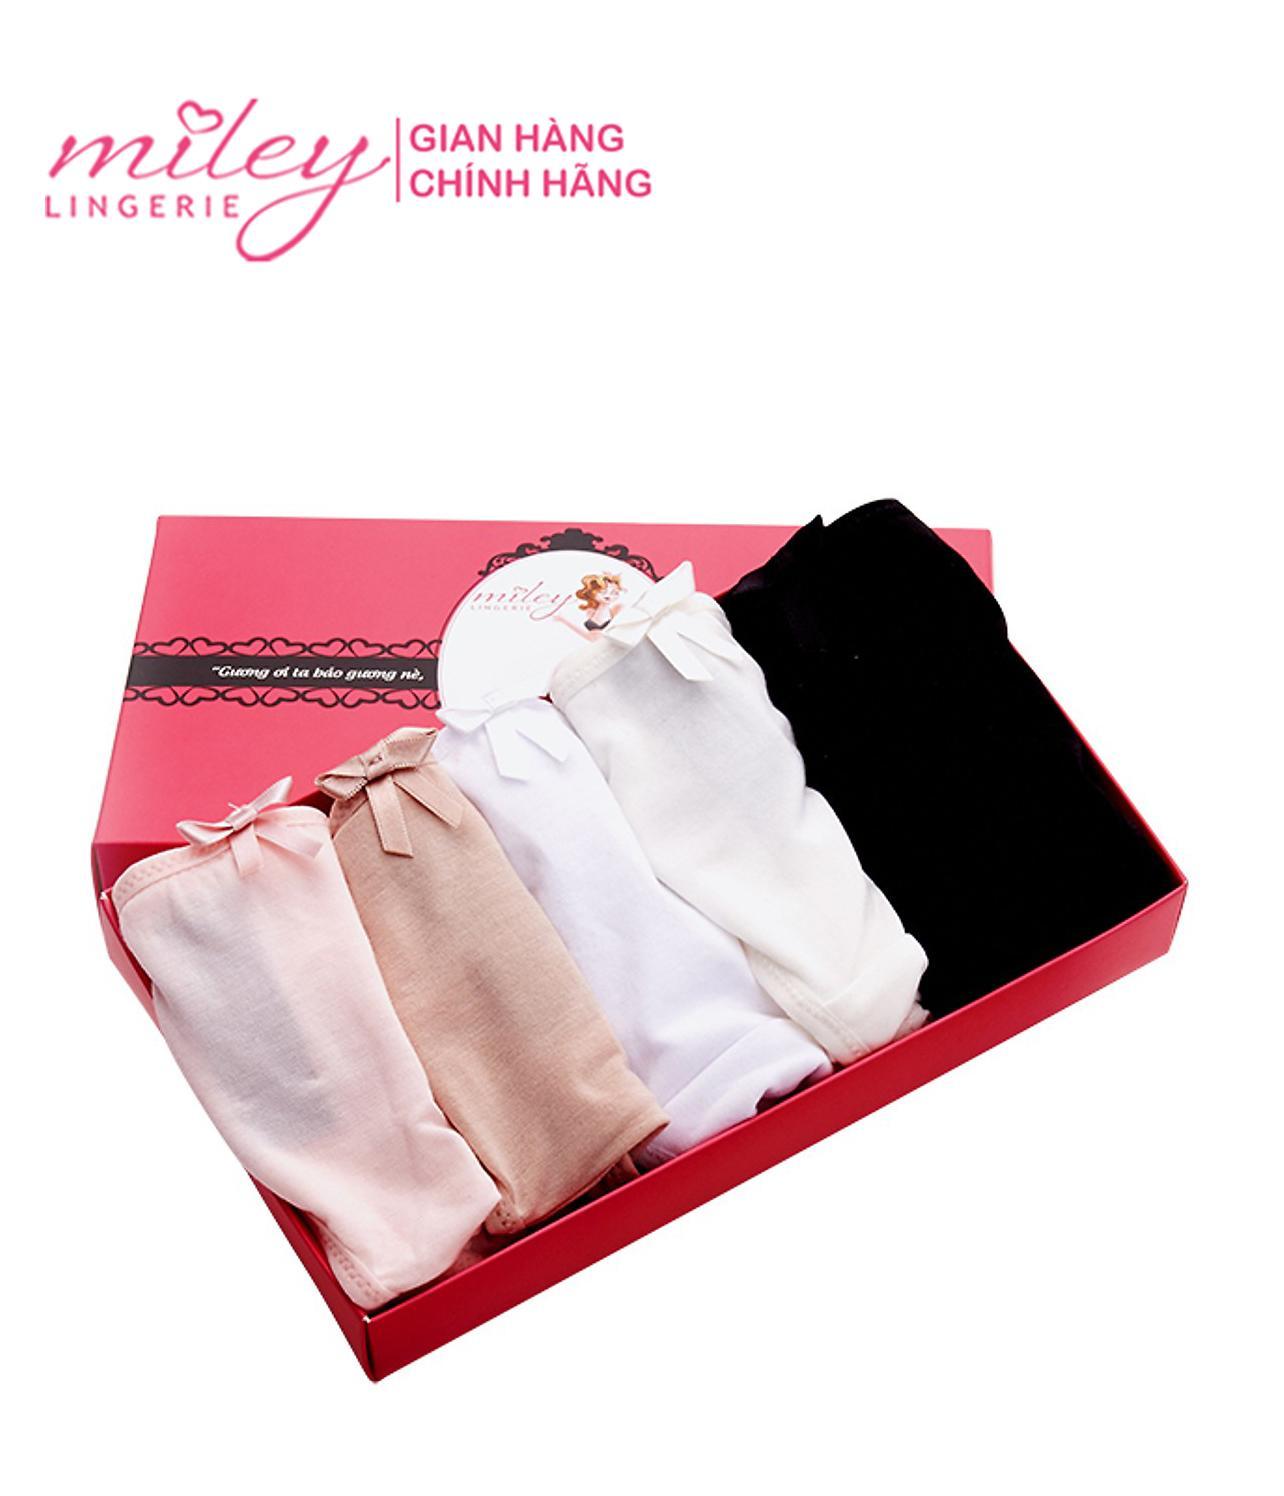 Hộp Quà Tặng Quần Lót Nữ Modal Bikini Comfort Miley Lingerie (Combo 5 Quần) Giá Tốt Không Thể Bỏ Qua